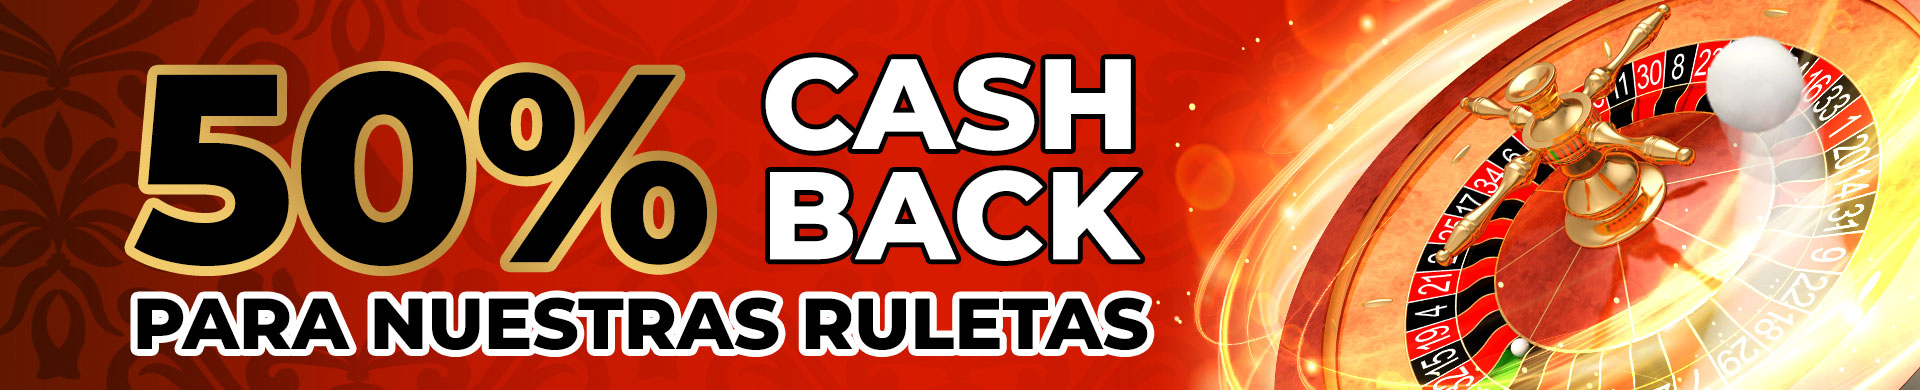 Cashback Especial del 50% para todas nuestras ruletas